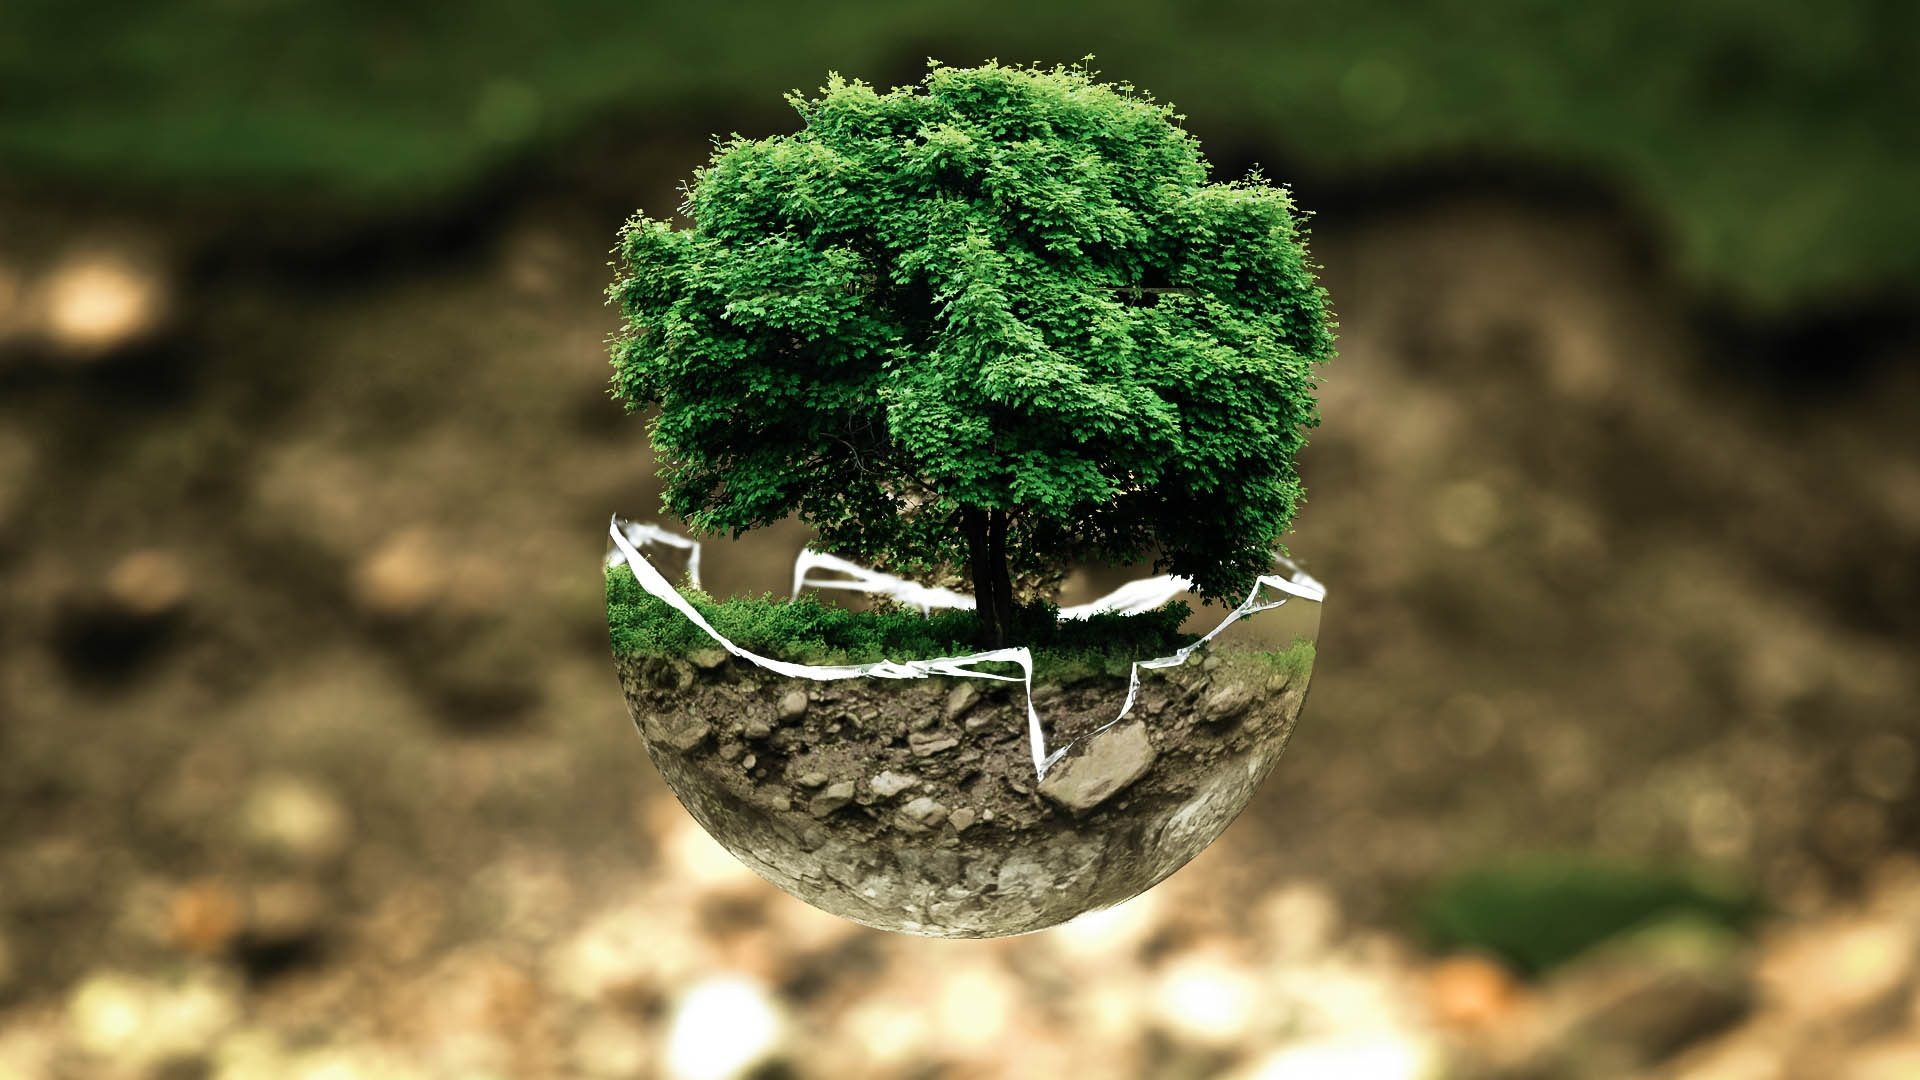 medio, ambiente, atmósfera, fragilidad, ecosistema, árbol - Fondos de Pantalla HD - professor-falken.com